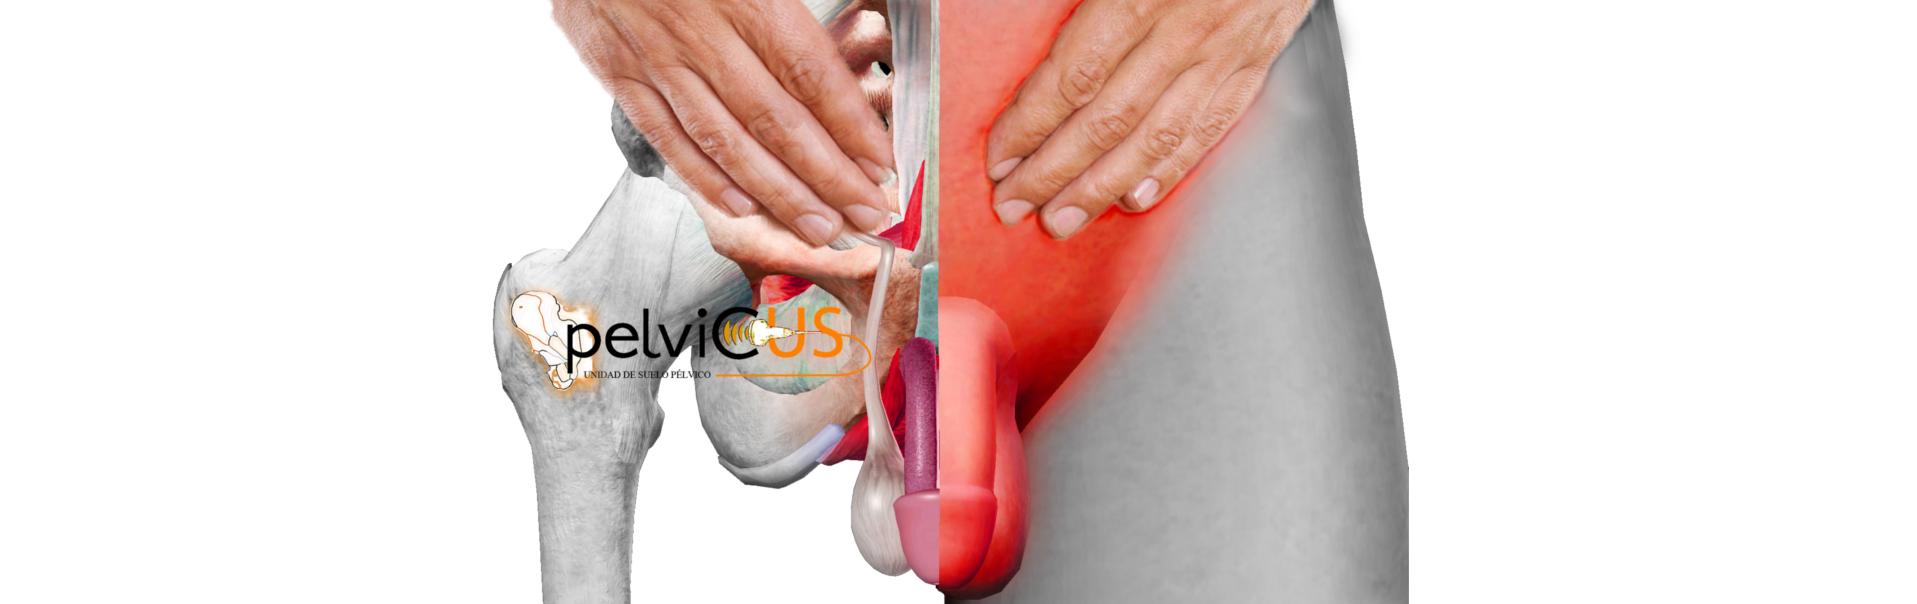 causas en el dolor pélvico